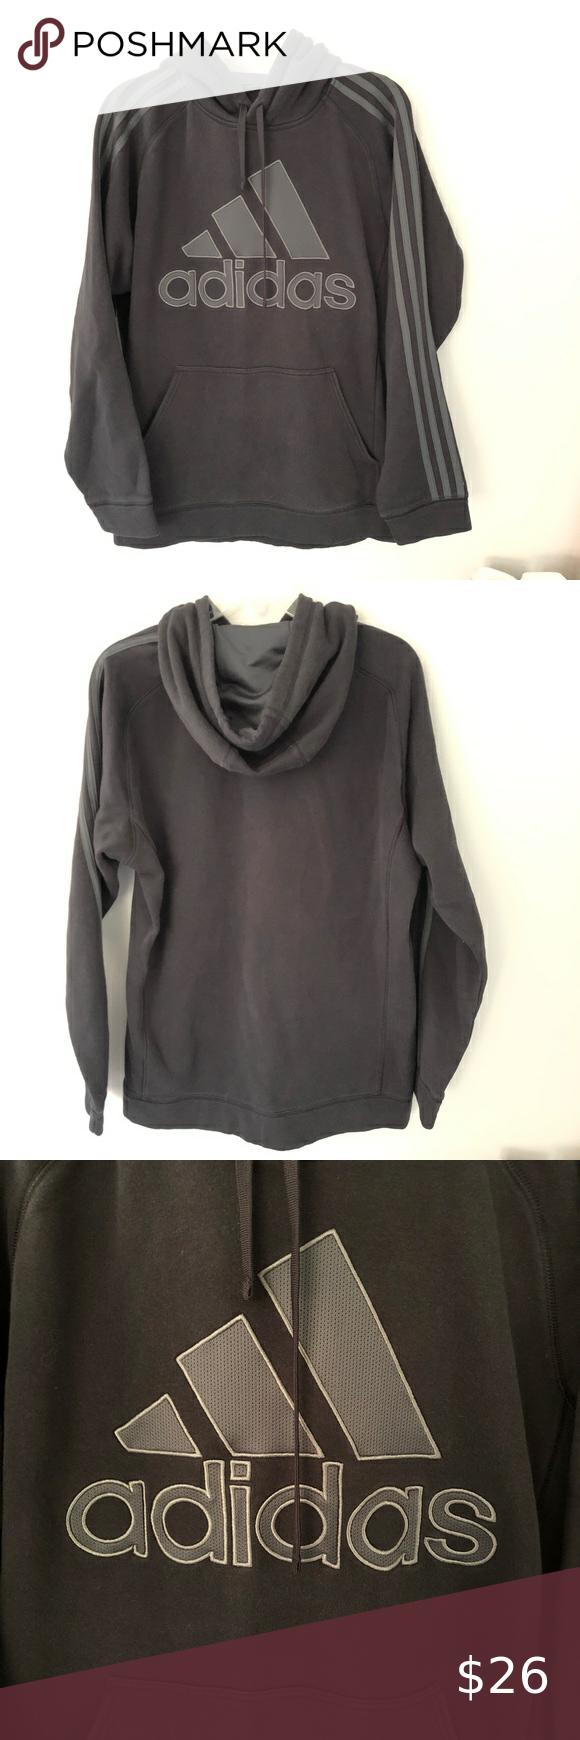 Mens Black Adidas Hoodie Adidas Hoodie Black Adidas Adidas Shirt [ 1740 x 580 Pixel ]